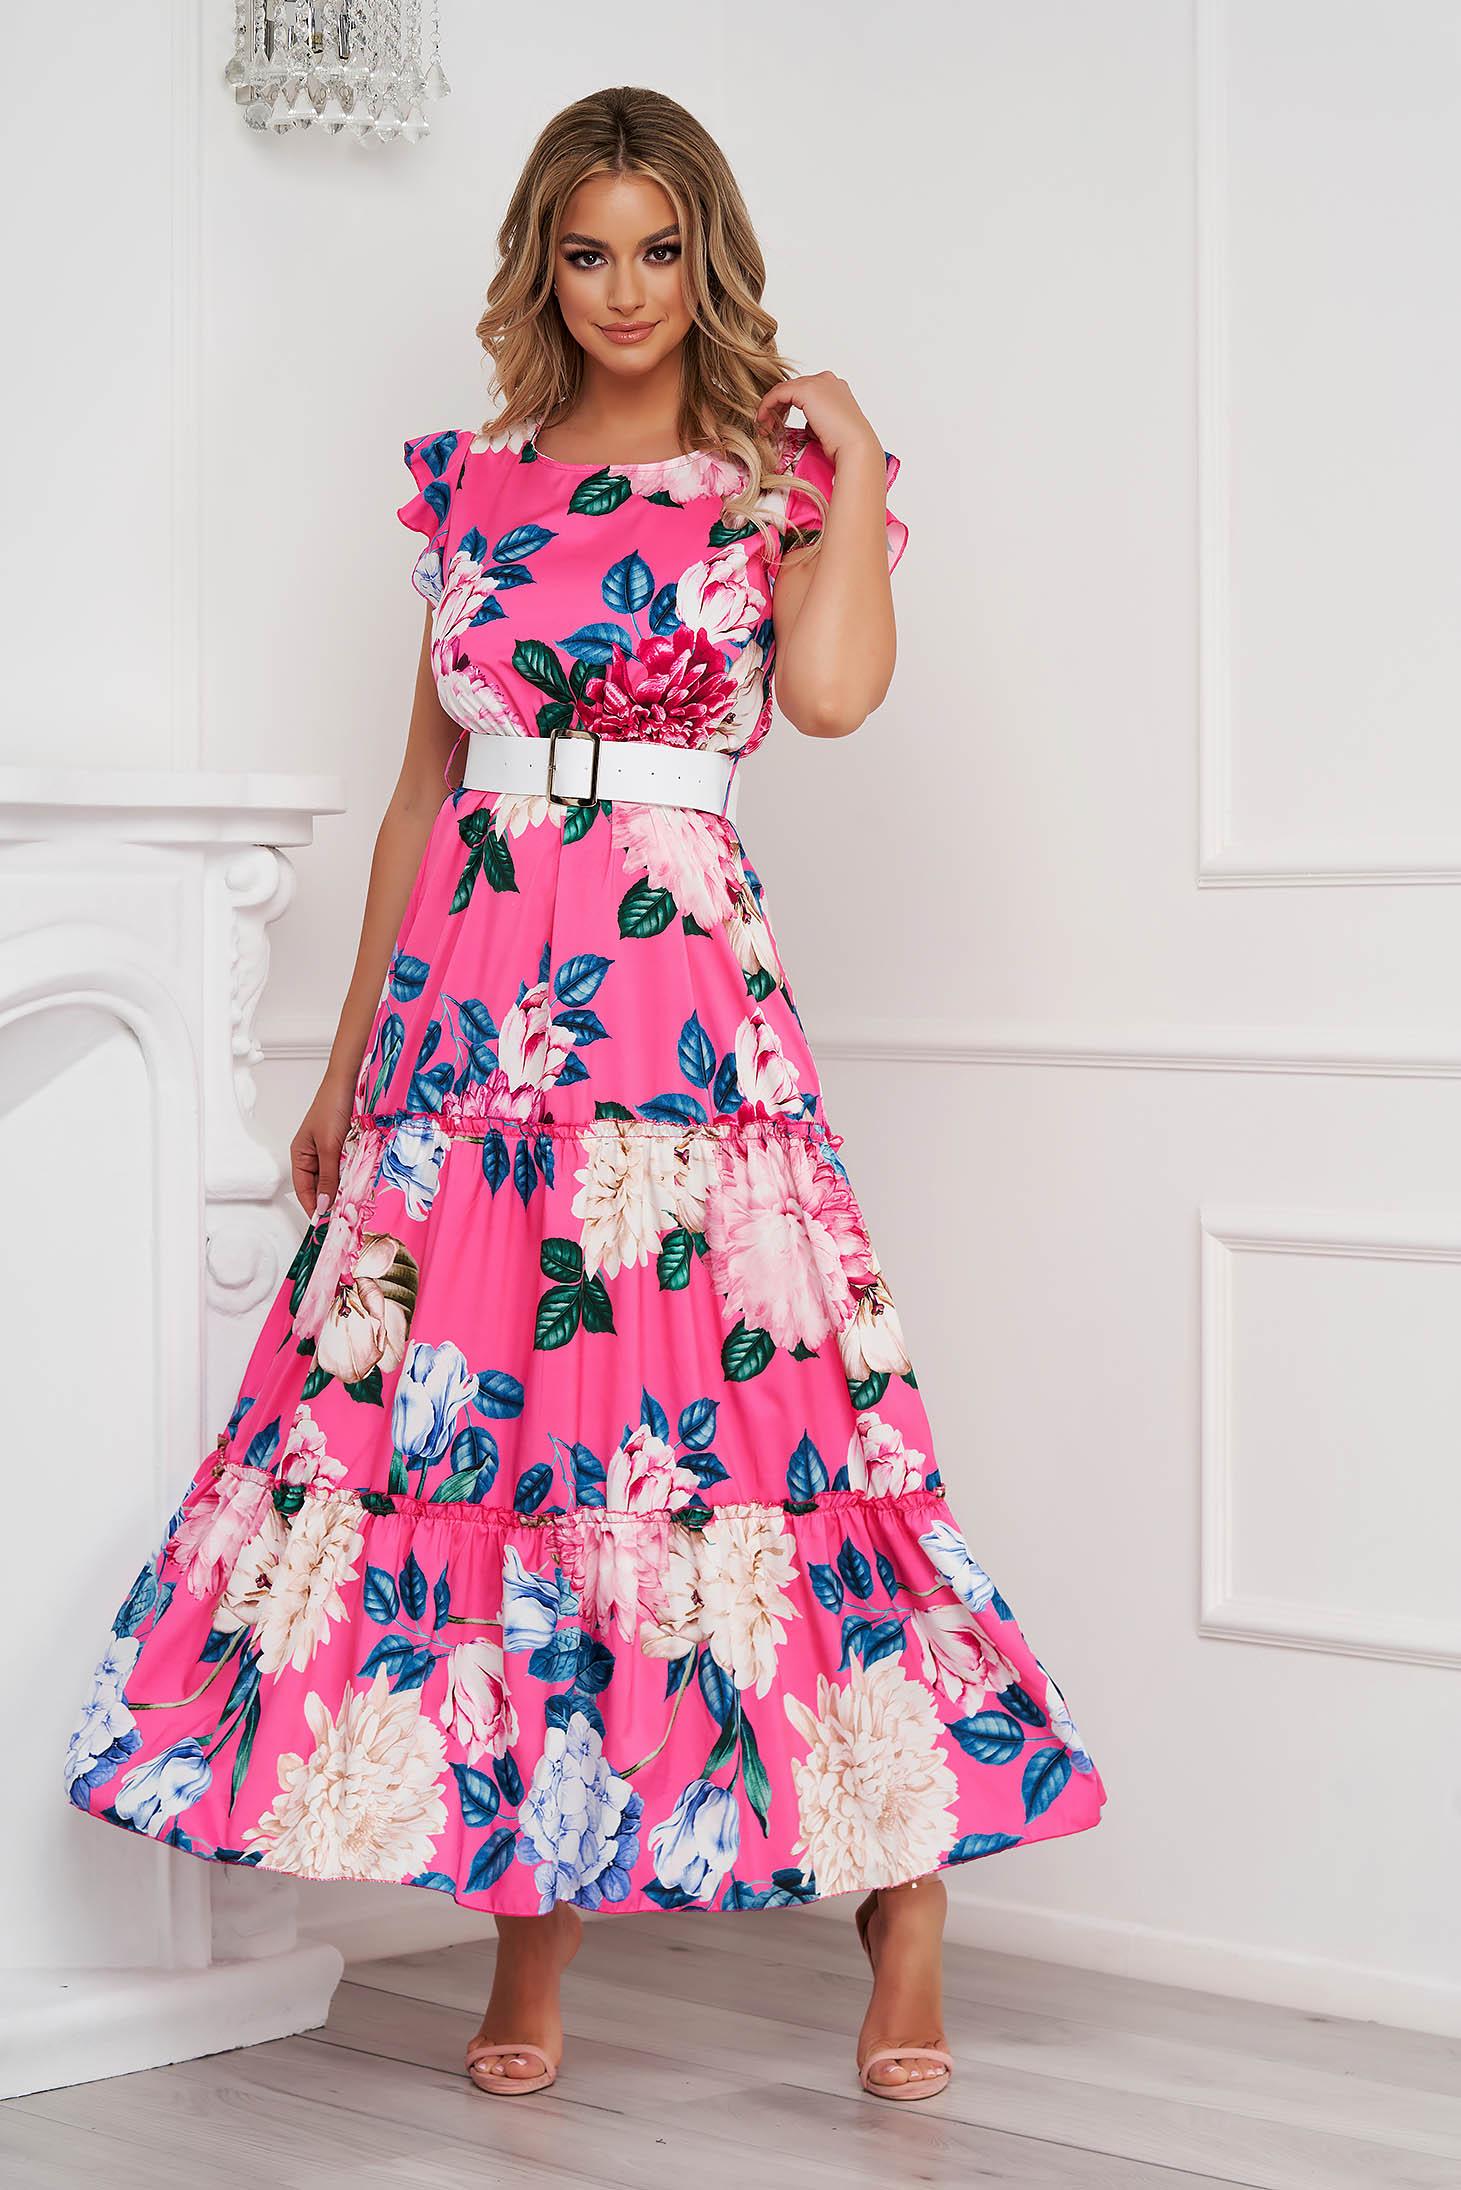 Rochie SunShine roz cu imprimeu floral in clos lunga cu volanase